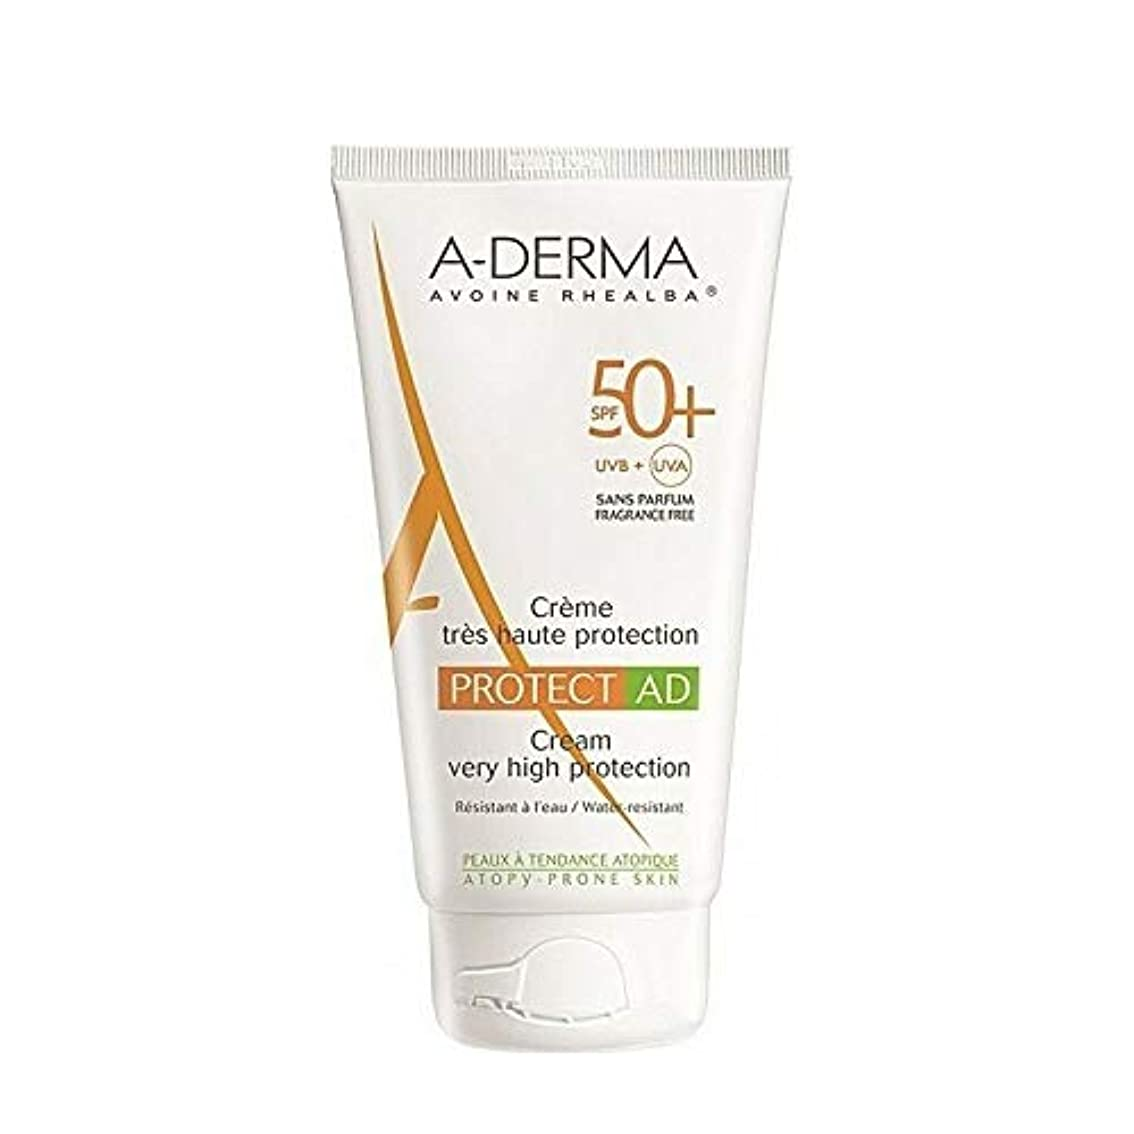 A-DERMA Protect AD sun cream サンクリーム (150ml) SPF50+/PA+++ フランス日焼け止め